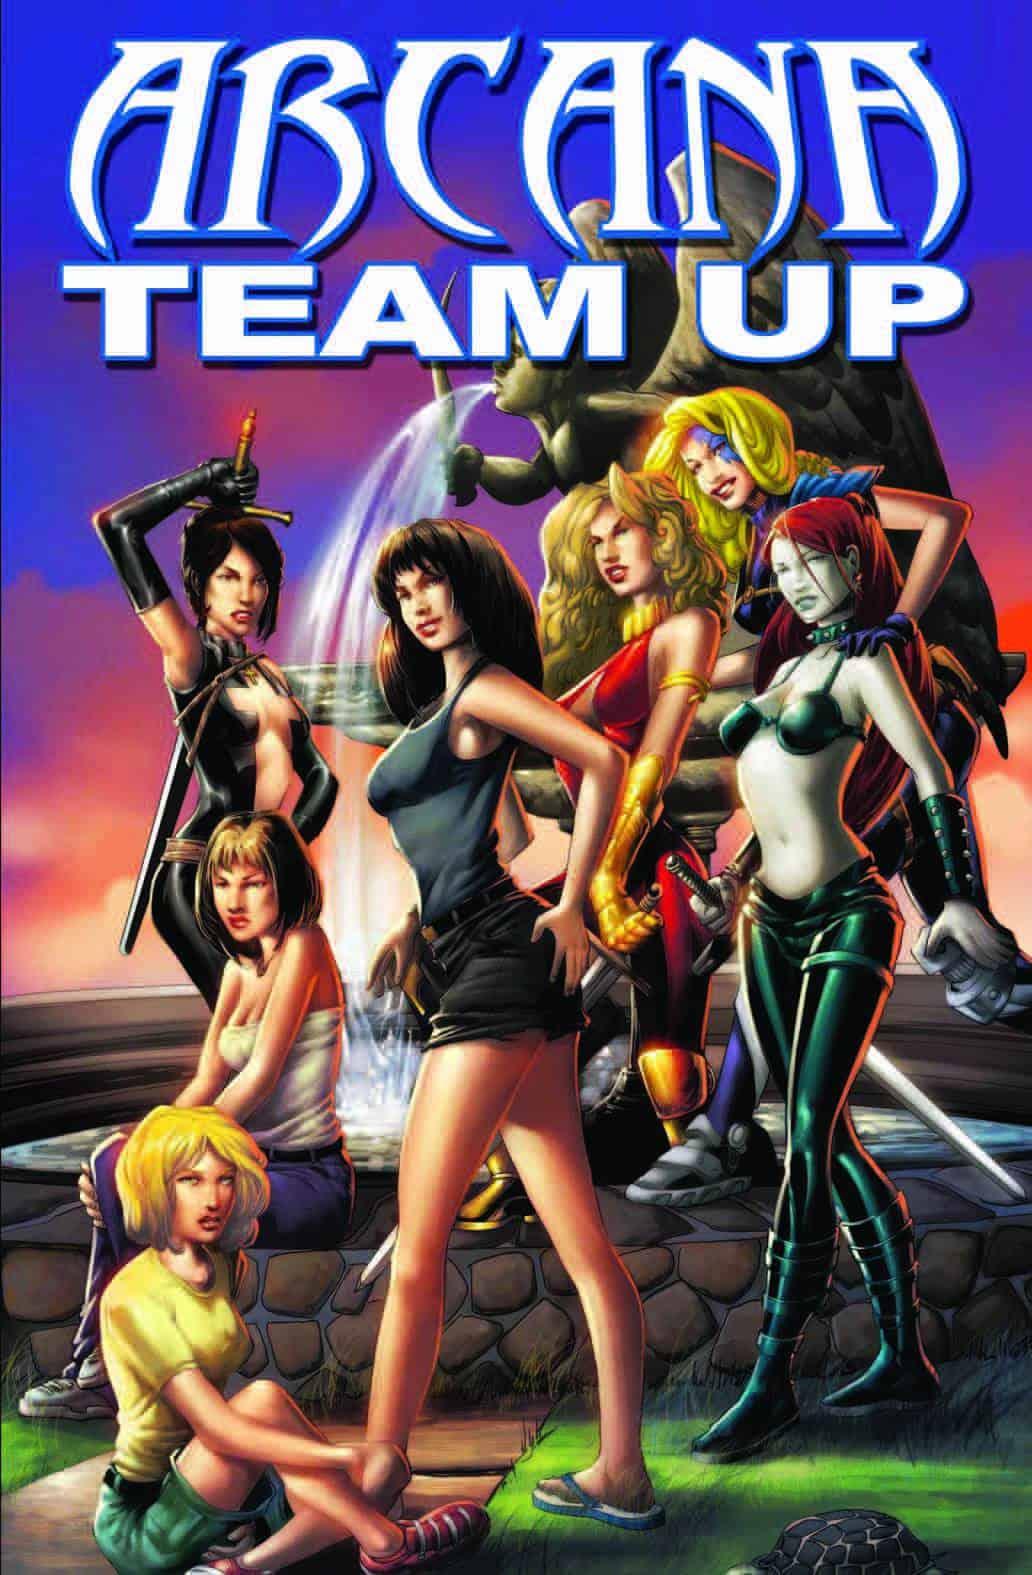 Arcana Team Up 1